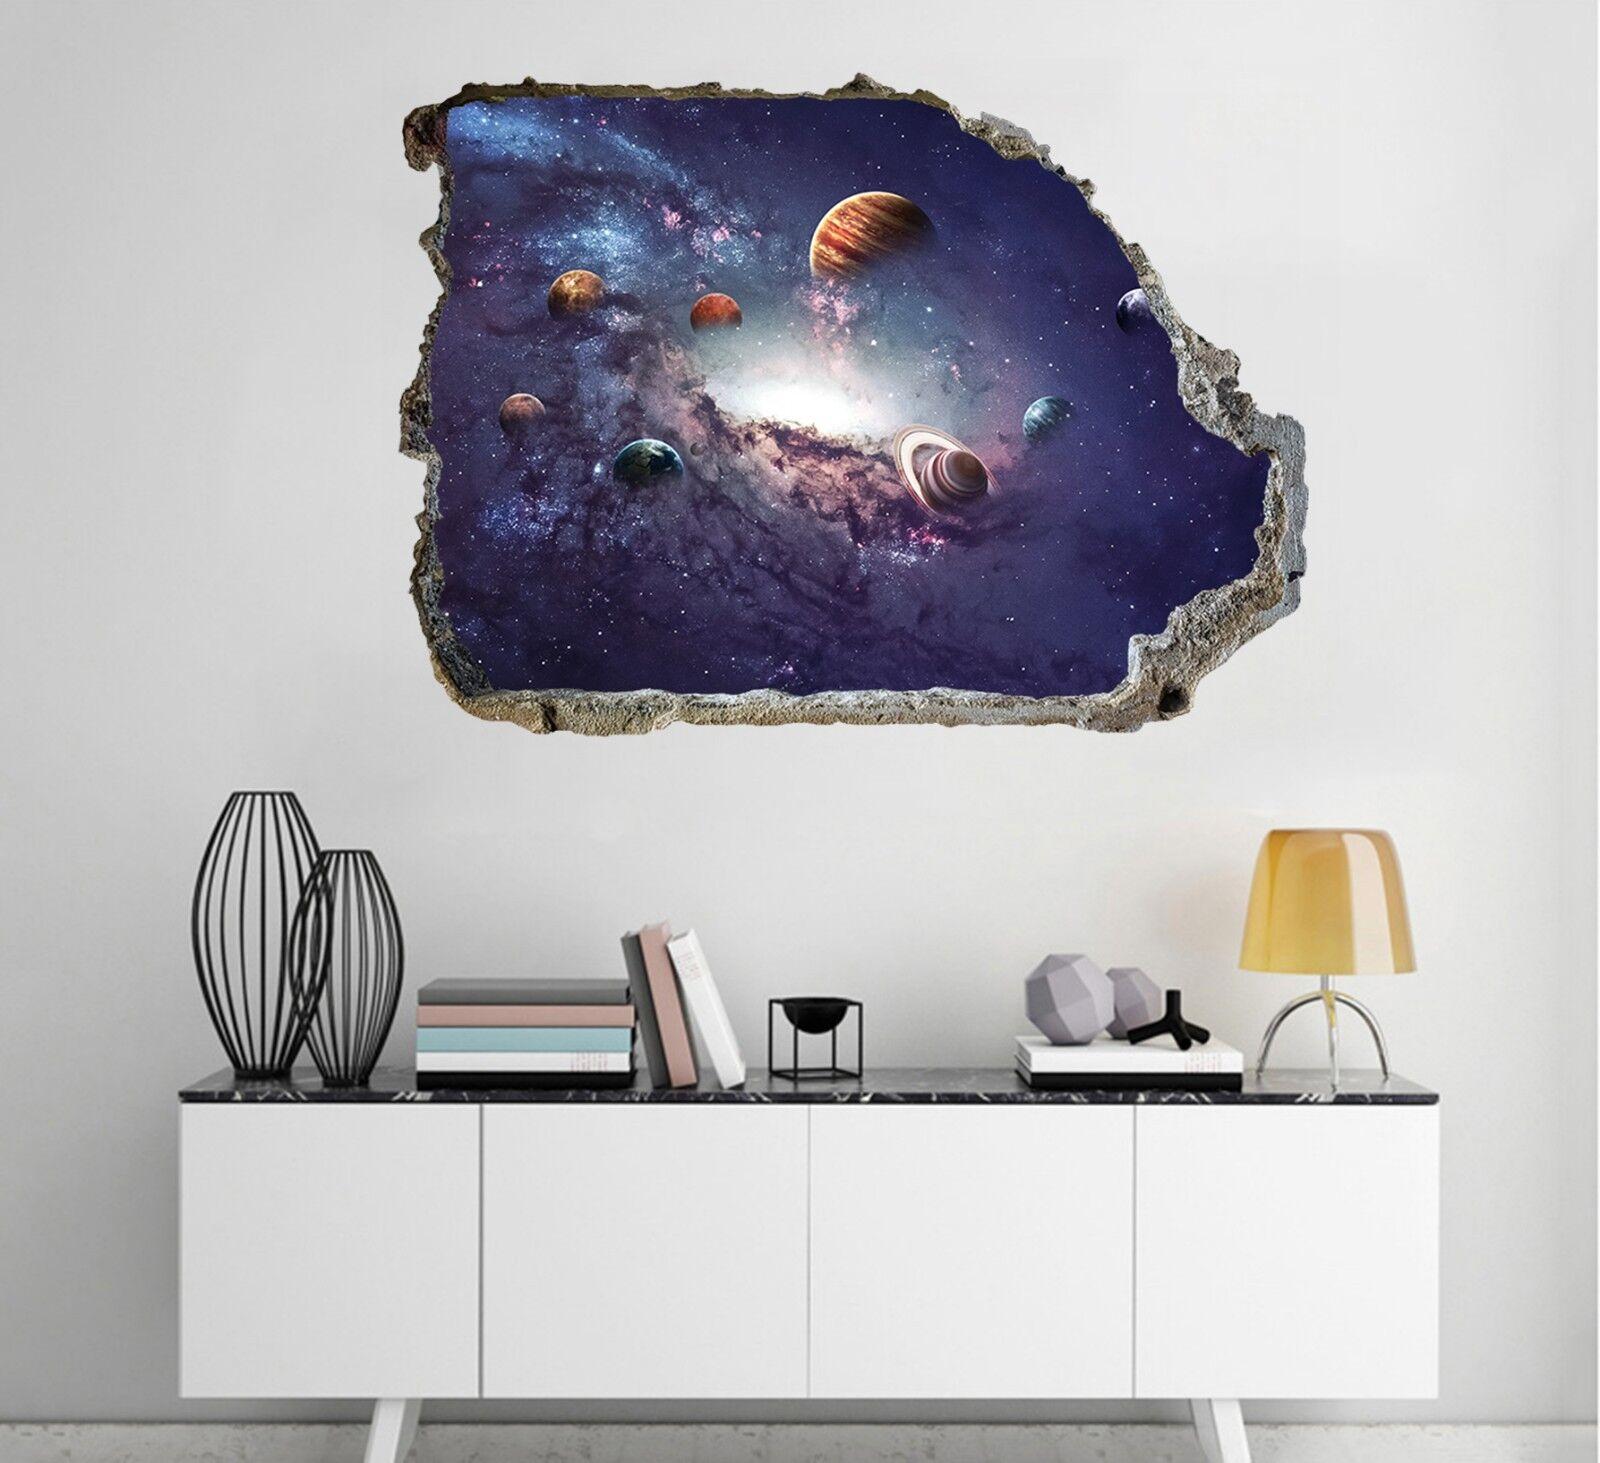 3D Raum Planeten 24 Mauer Murals Mauer Aufklebe Decal Durchbruch AJ WALLPAPER DE